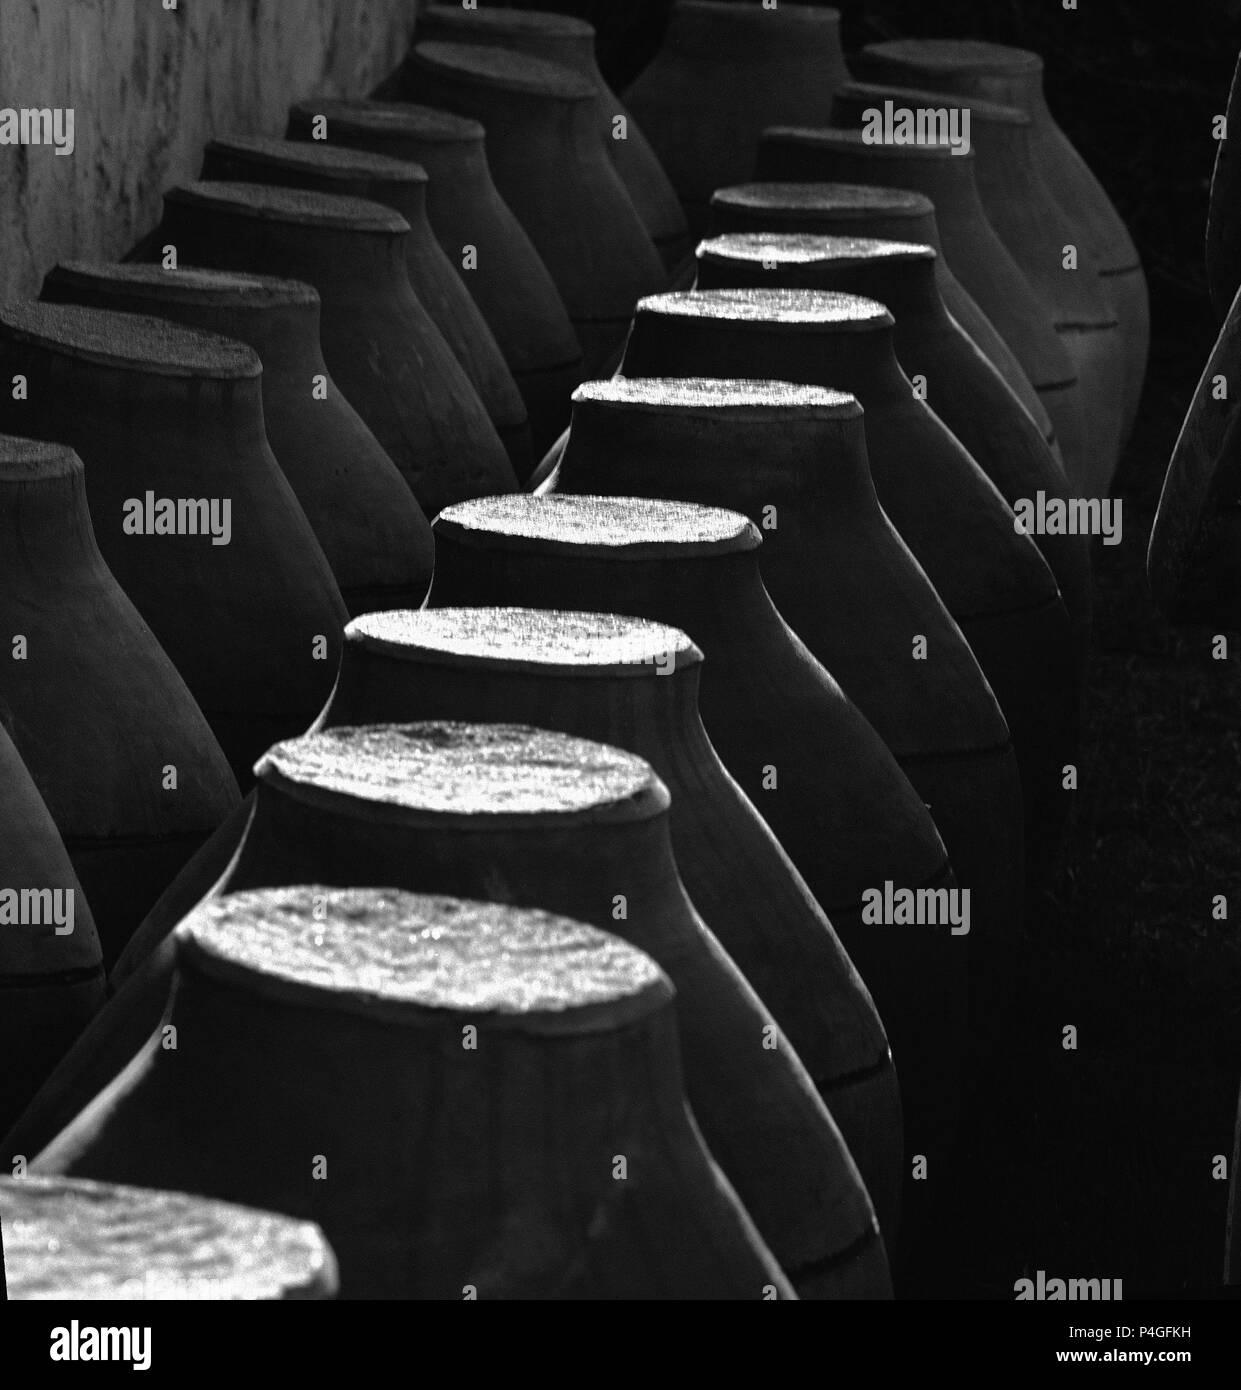 TINAJAS PUESTAS BOCA ABAJO - FOTOGRAFIA EN BLANCO Y NEGRO - AÑOS 60. Location: ALFARERIA, SPAIN. - Stock Image